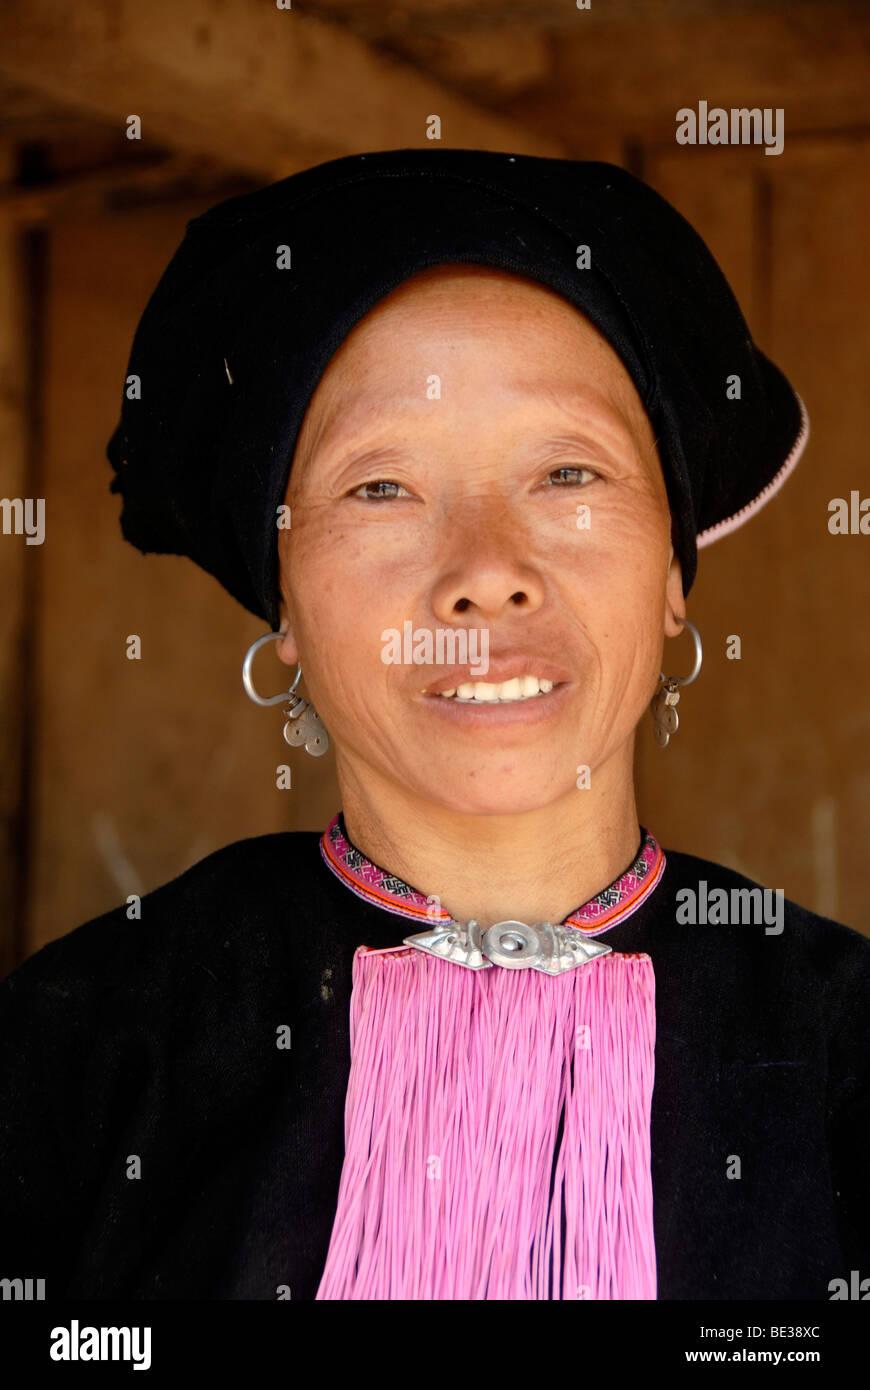 Armut, Portrait, Ethnologie, Yao Frau im traditionellen Kostüm, lächelnd mit einem Turban Kopfschmuck, Stockbild